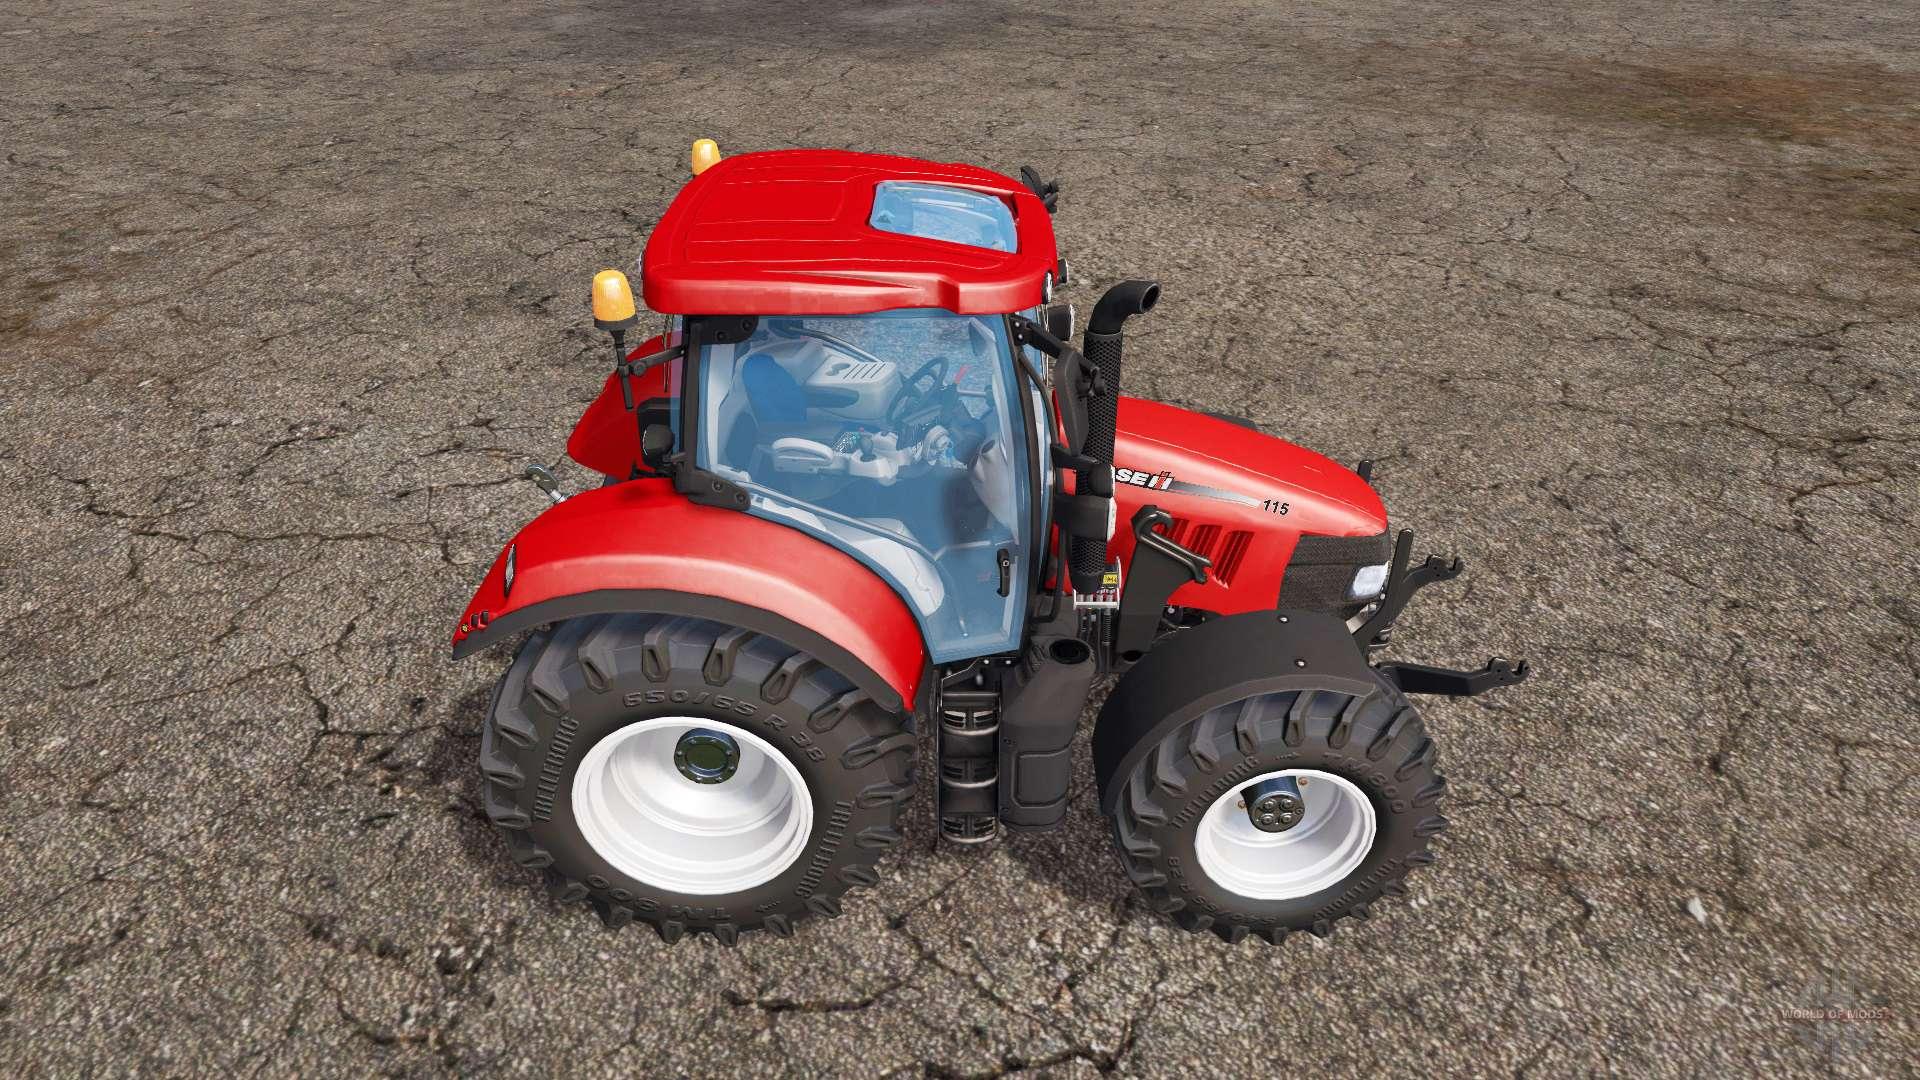 Трактор ХТА-250-10 (Д-262.2S2) 250 л.с «Слобожанец» в.